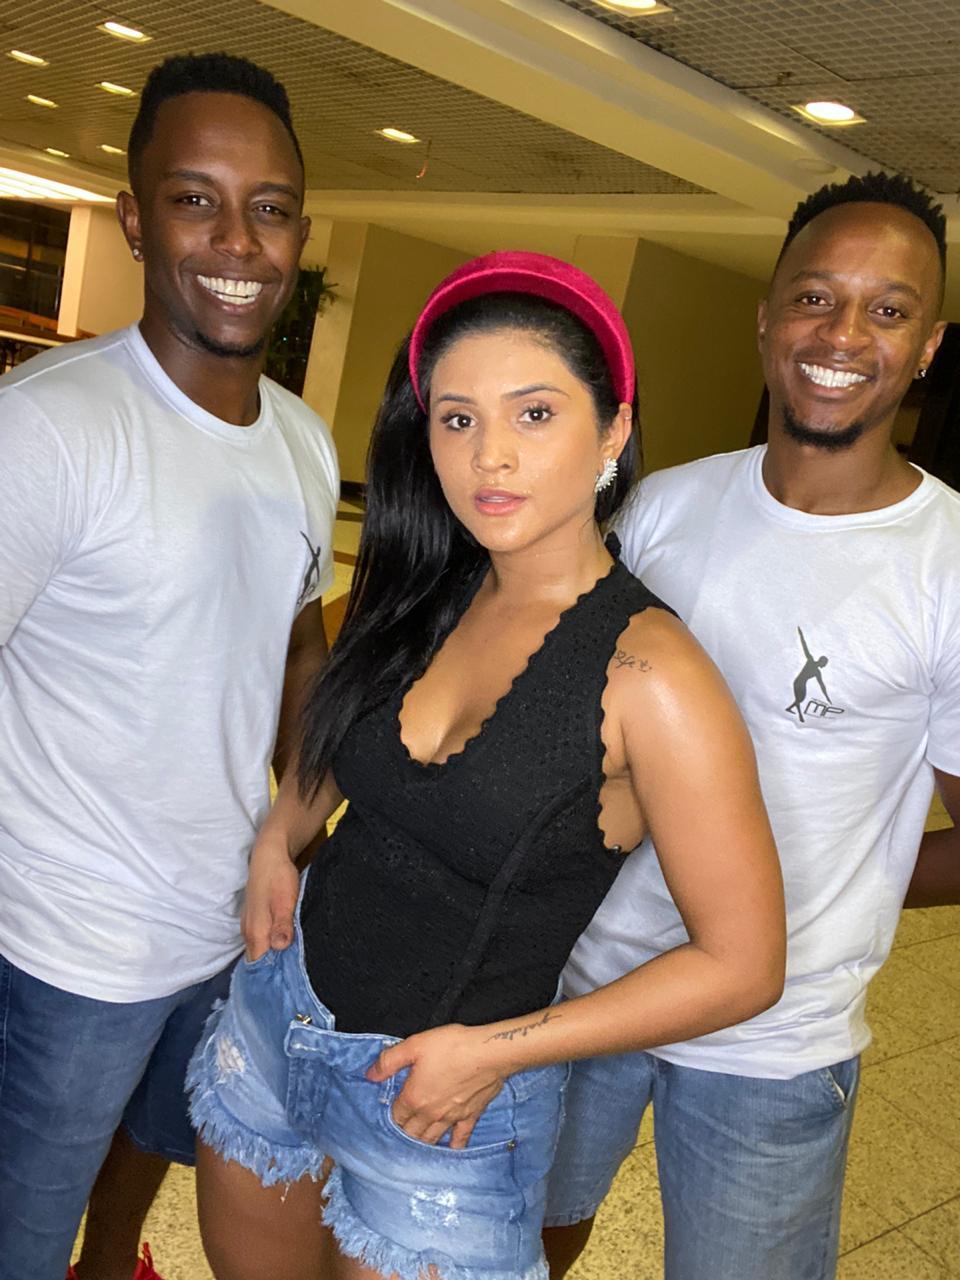 Mileide Mihaile fazendo aulas com Marcus e Victor